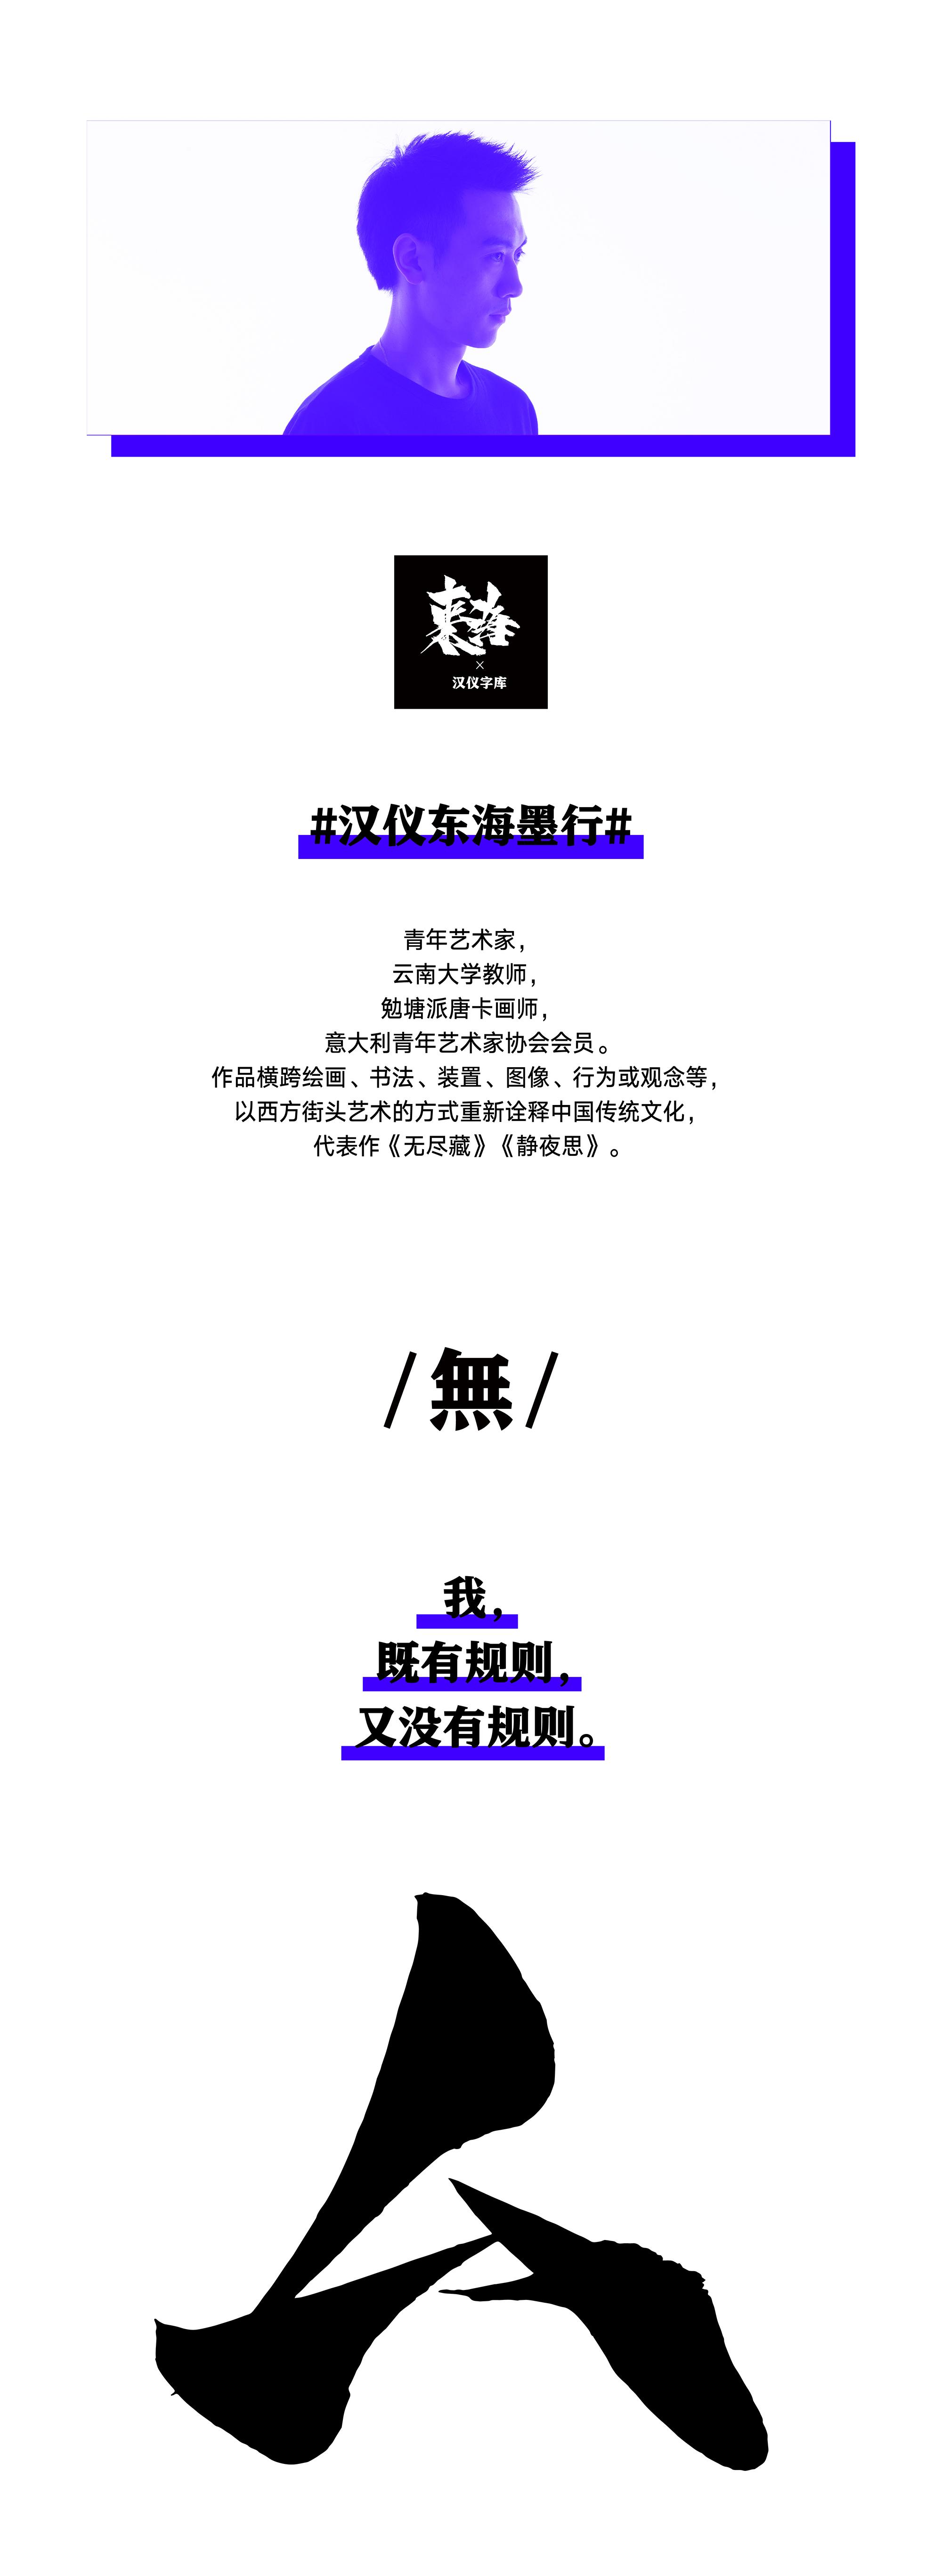 4-1-东海.jpg